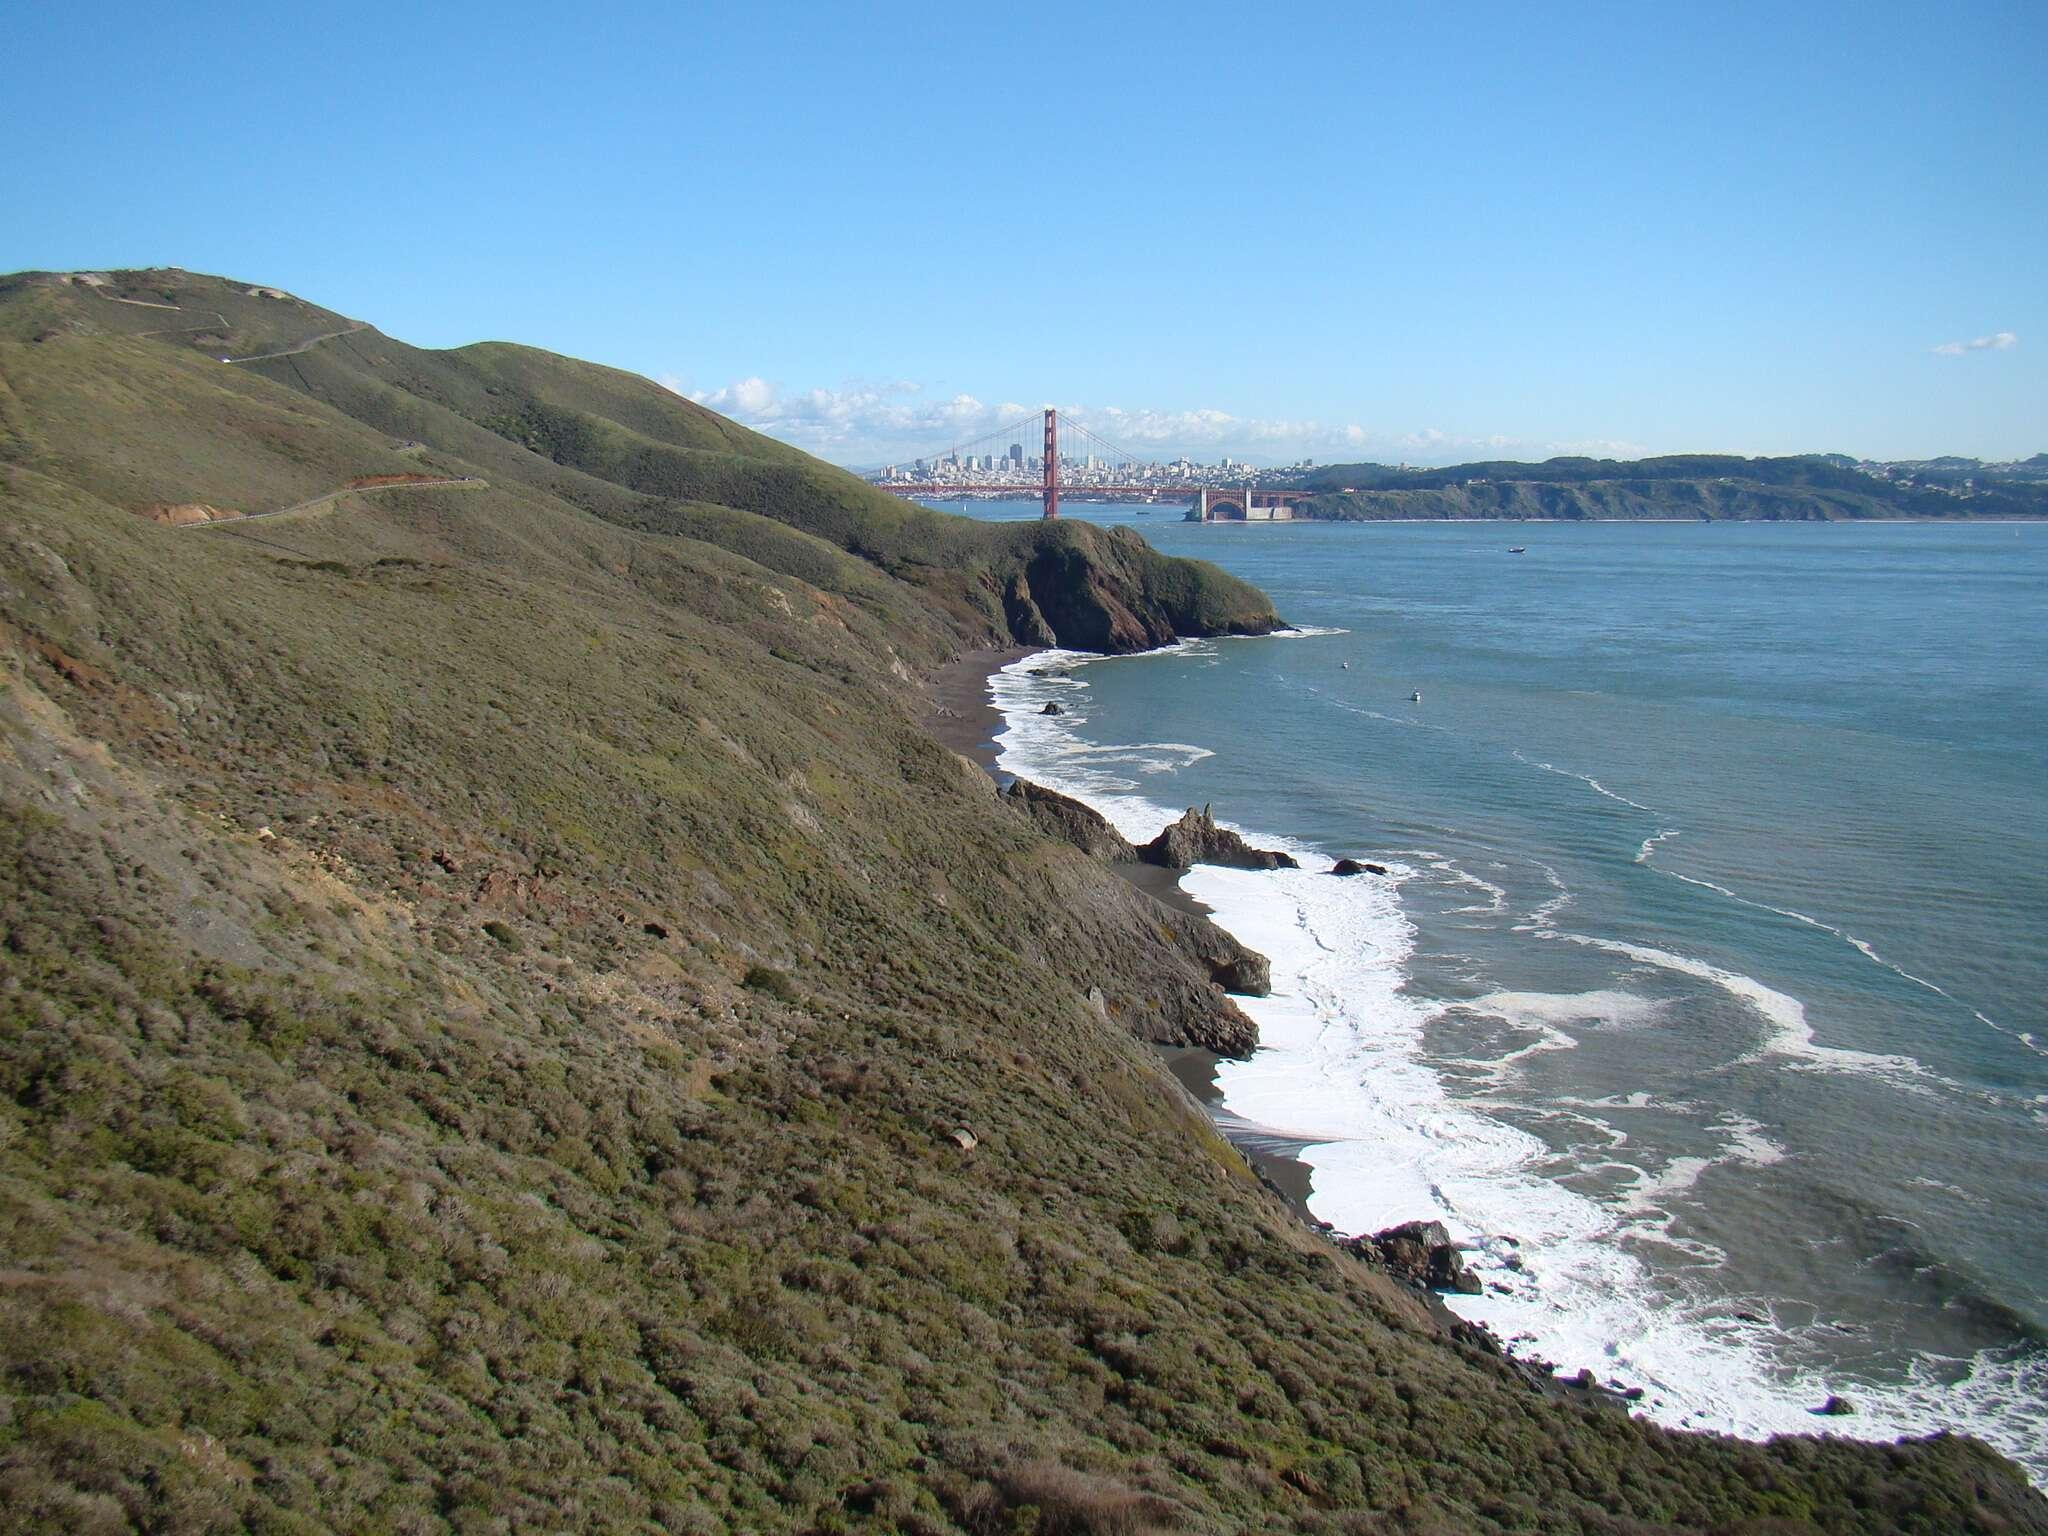 Vista do Marin Headlands: Golden Gate + Praias